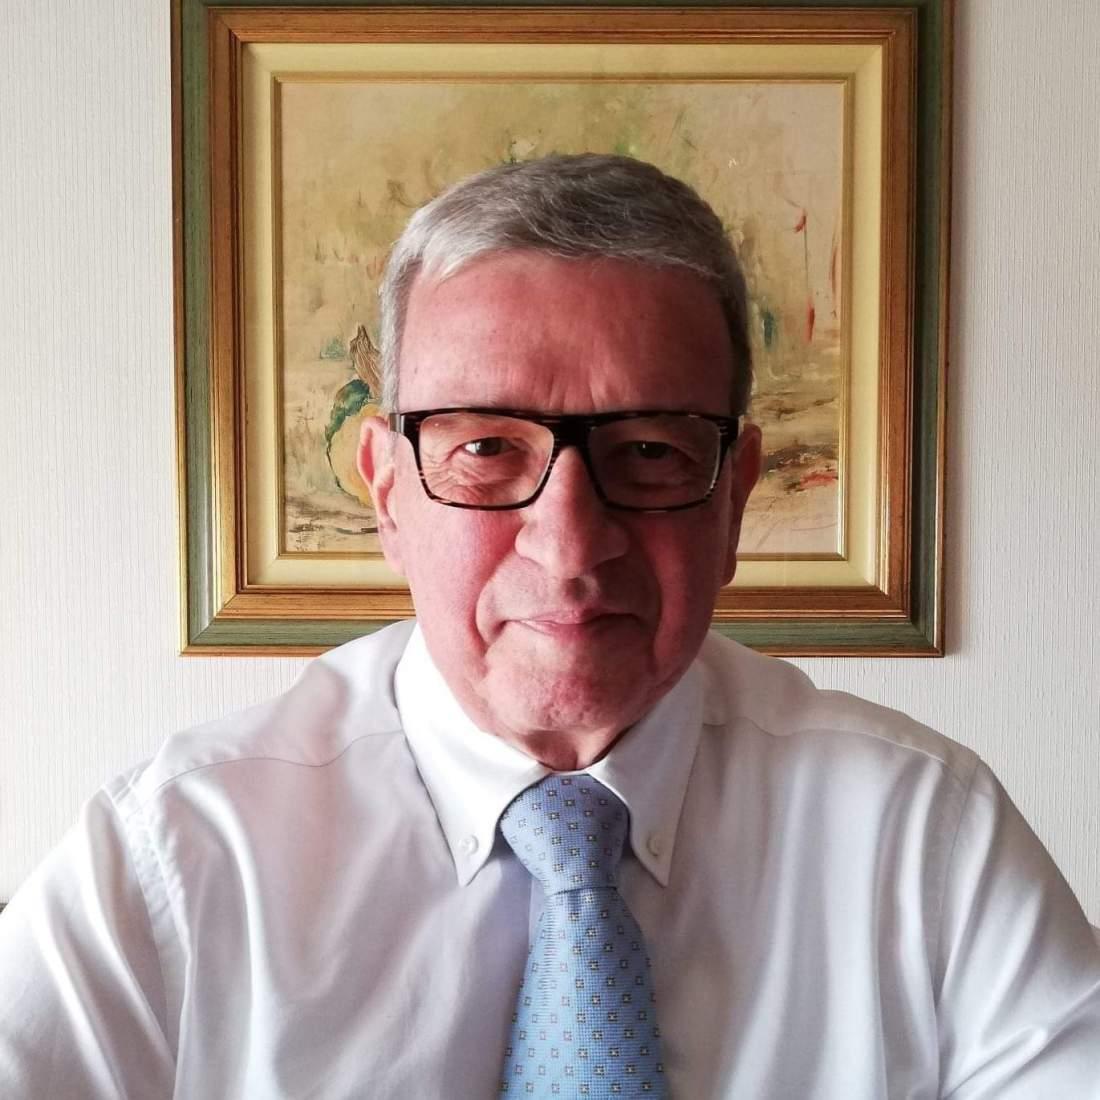 Pier Carlo Lava ok copia 2.jpg